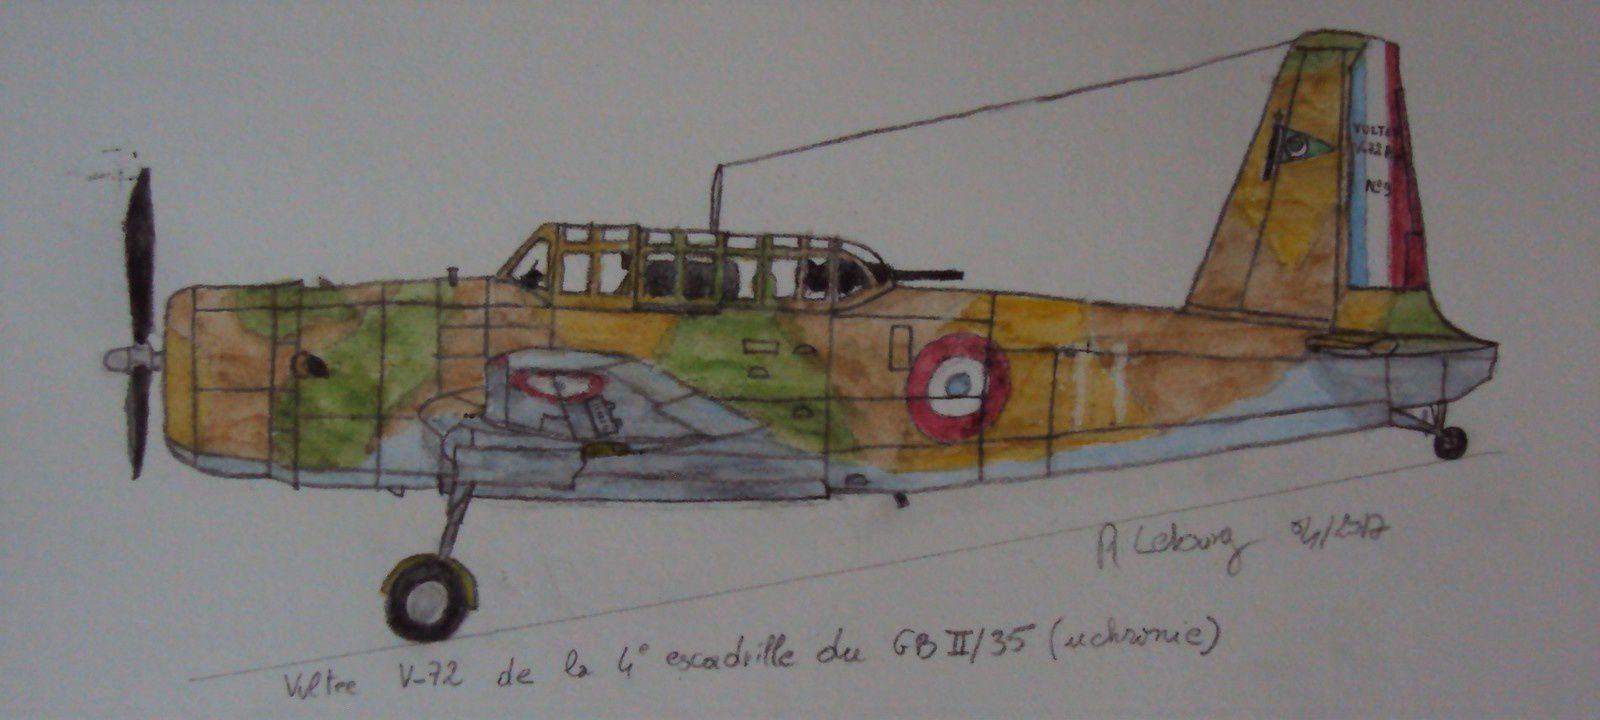 Profil uchronique d'un Vultee V-72 mis en oeuvre par une armée de l'air française continuant le combat depuis l'AFN.